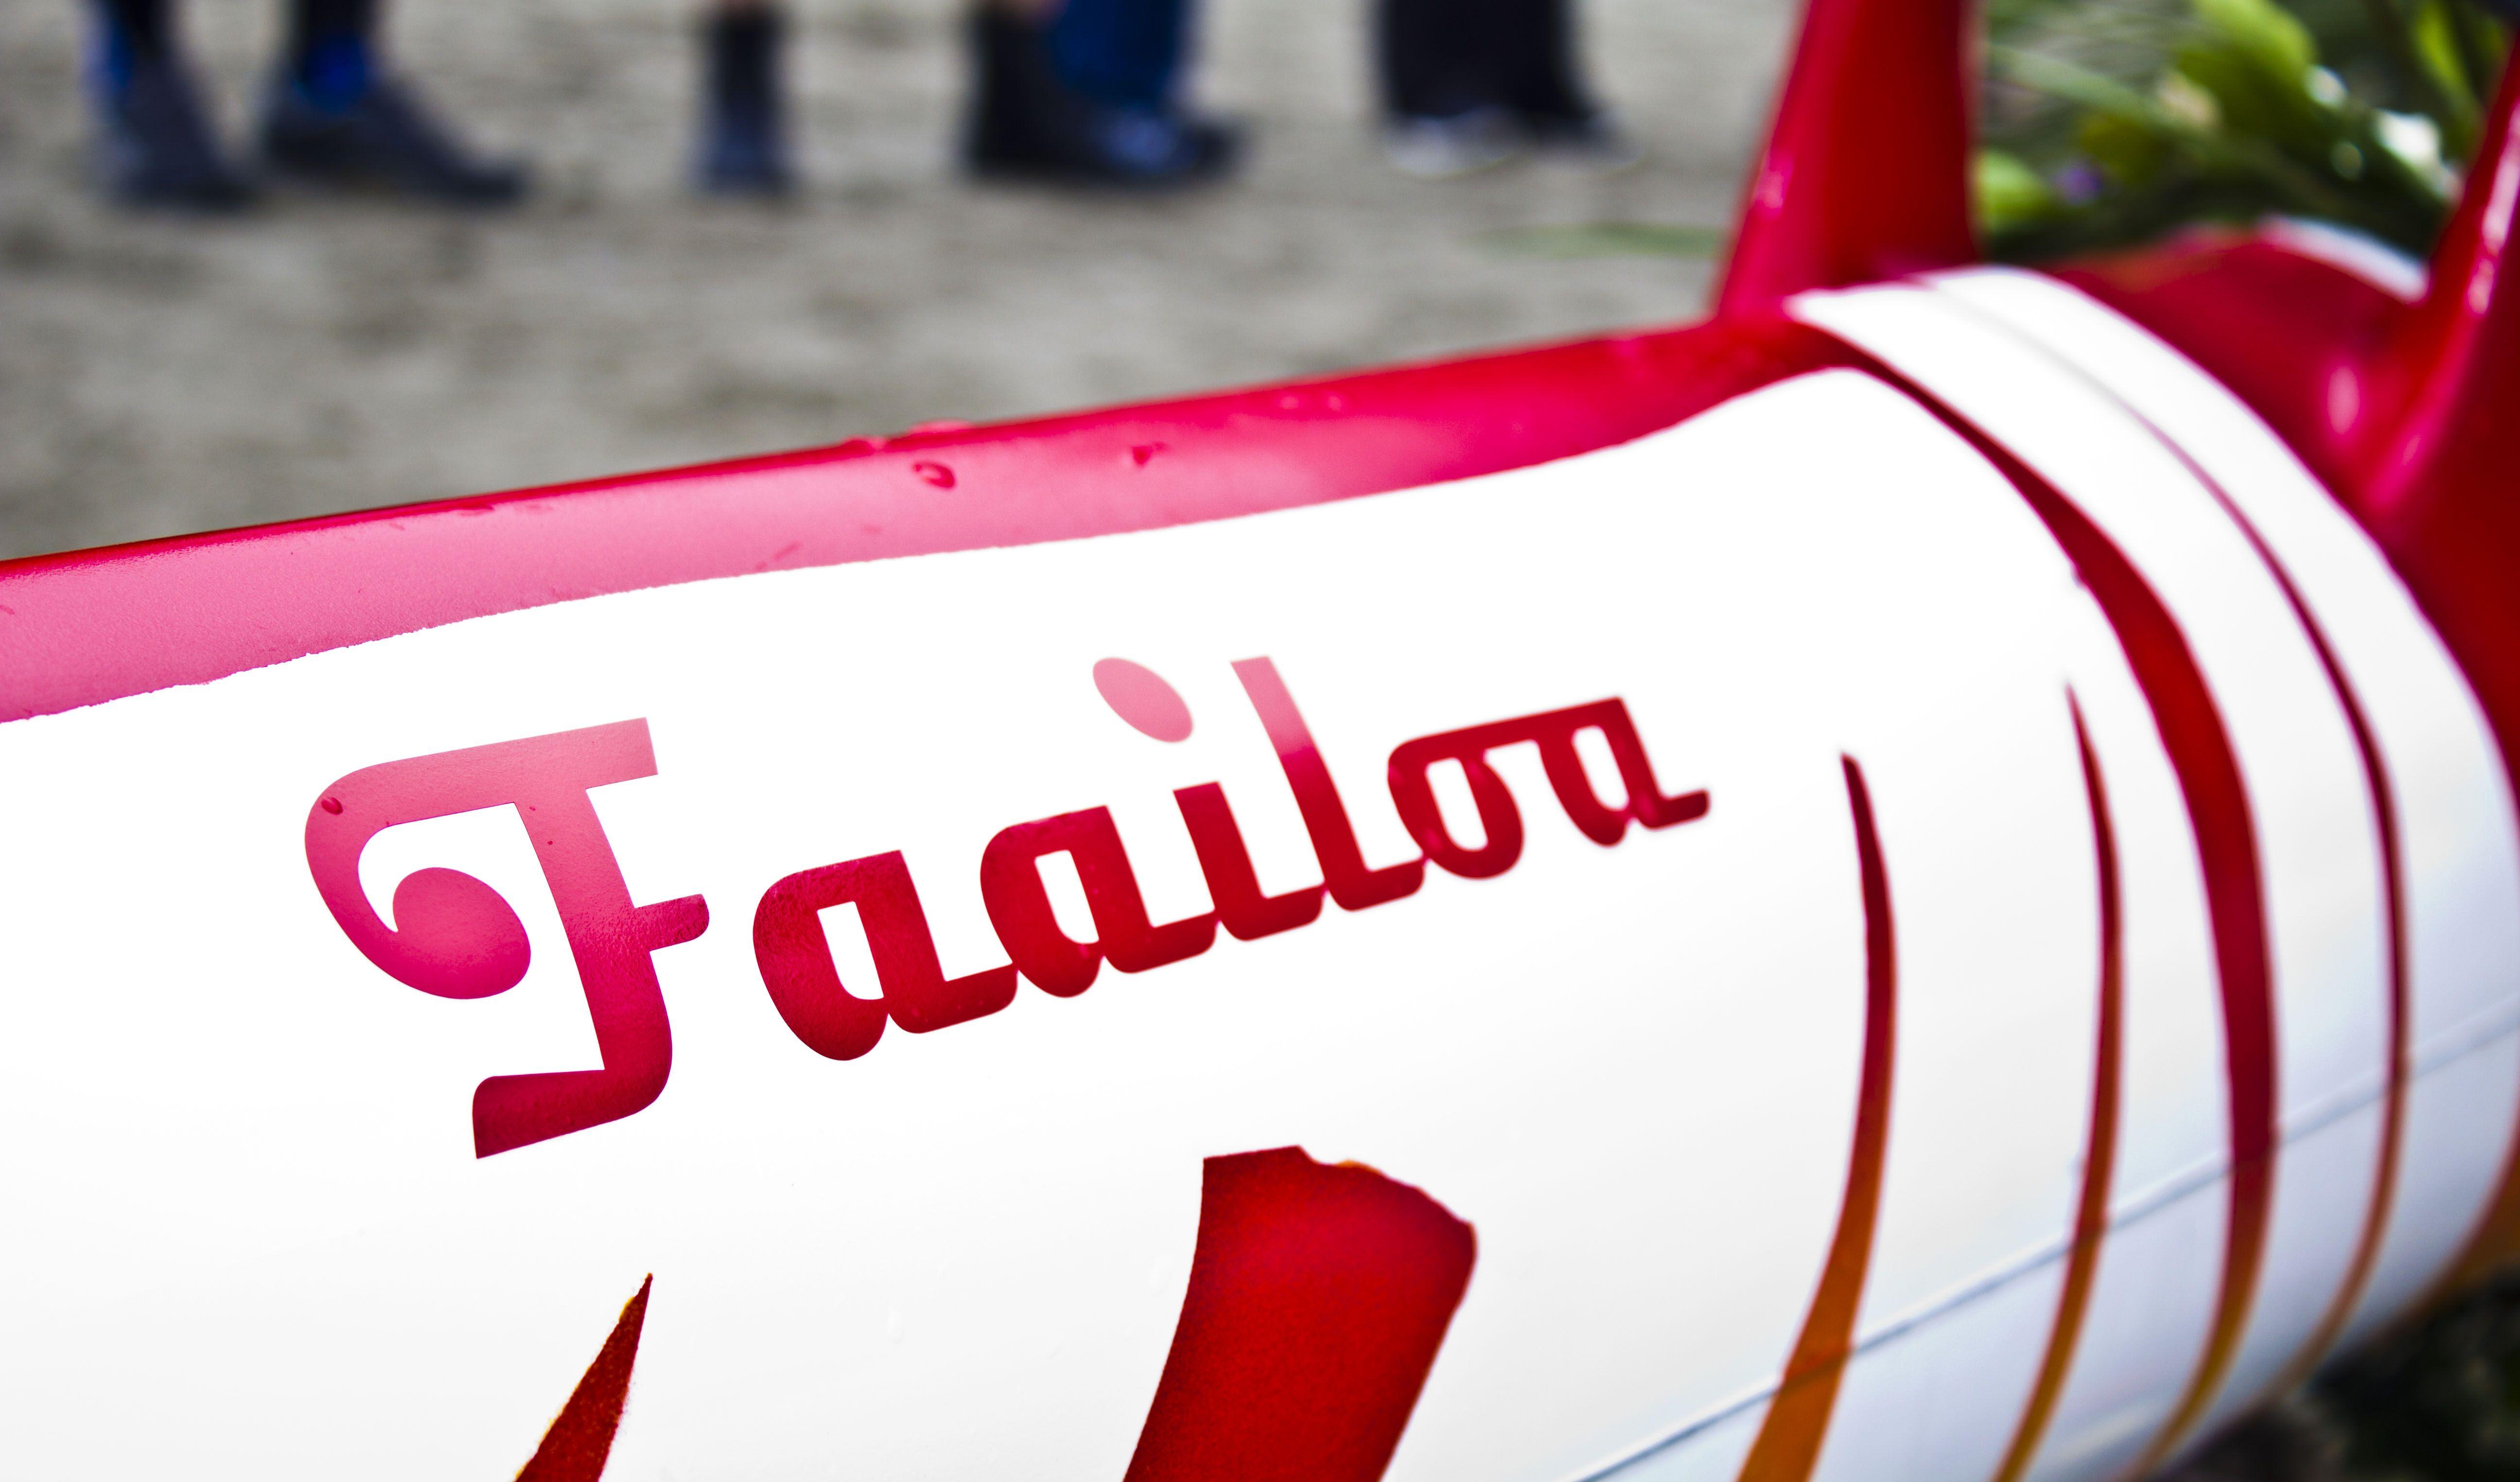 Faailoa V1 - Inkanoa Va'a Perú